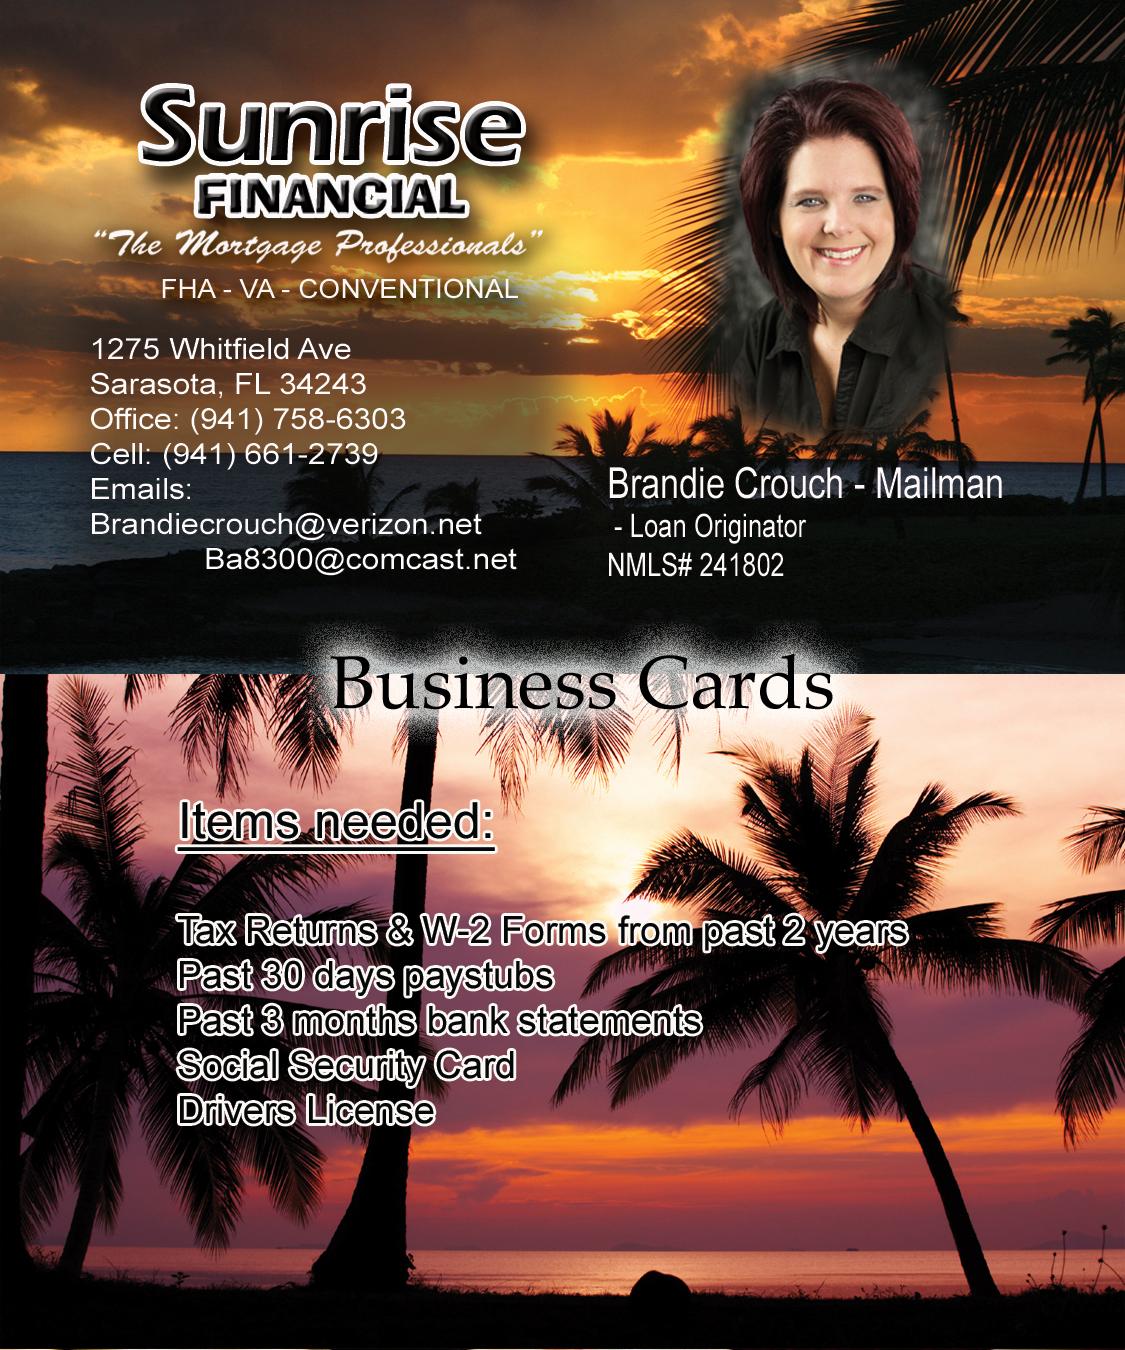 Cards Brandie